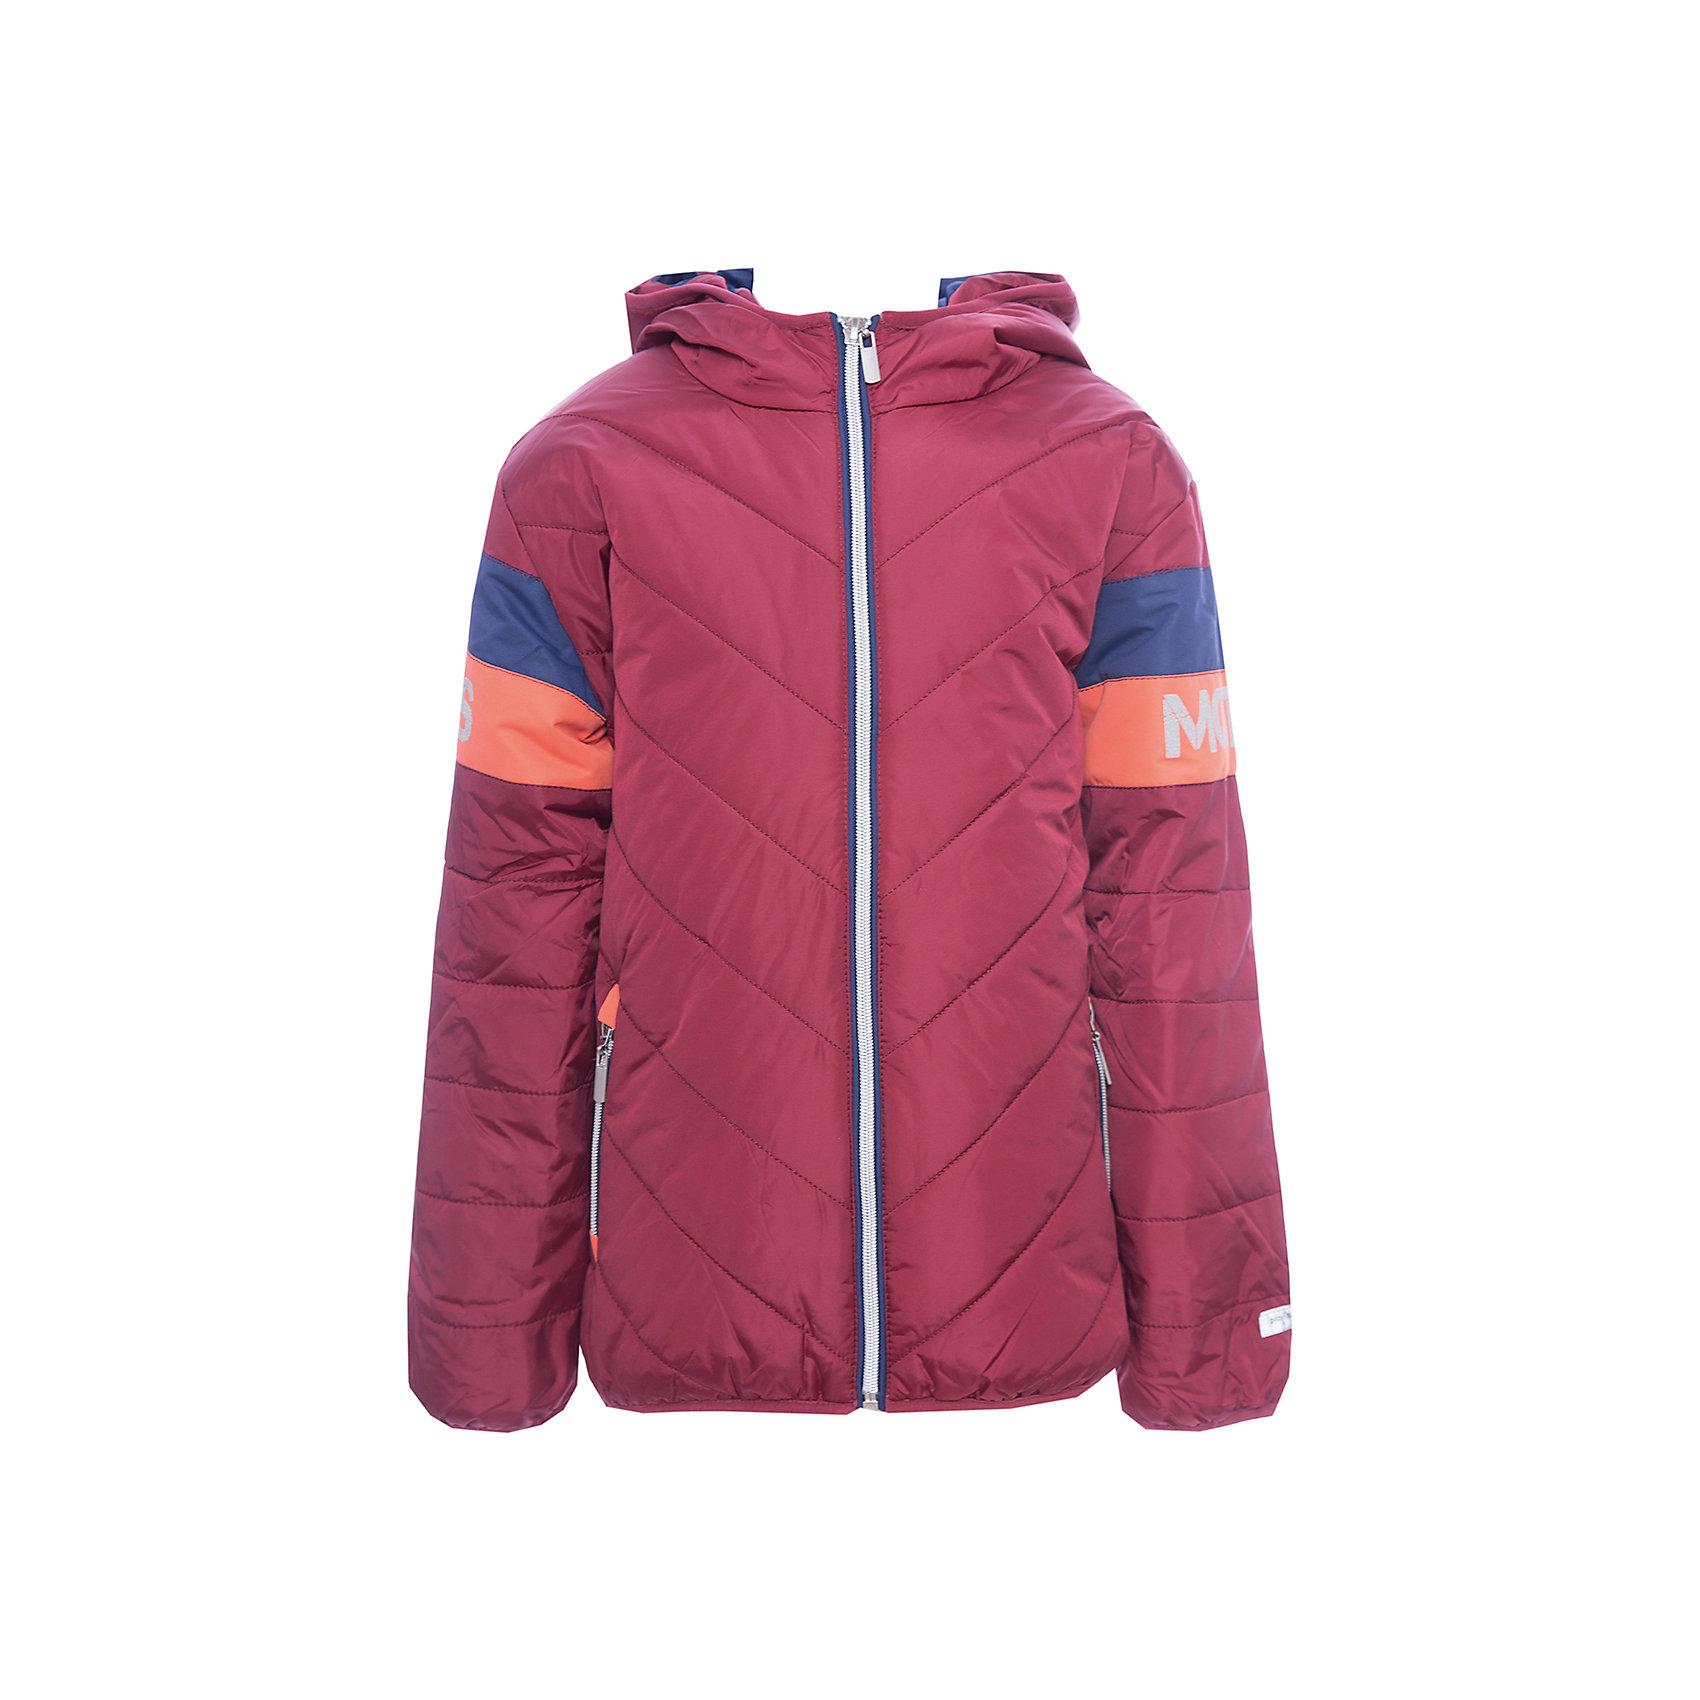 Куртка PlayToday для мальчикаДемисезонные куртки<br>Куртка PlayToday для мальчика<br>Утепленная куртка с капюшоном из водоотталкивающей ткани. Модель на молнии. Мягкие резинки на рукавах и по низу изделия сохраняют тепло. Светоотражатели на куртке обеспечат видимость ребенка в темное время суток. куртка дополнена вшивными карманами на молнии.<br>Состав:<br>Верх: 100% нейлон, подкладка: 100% полиэстер, наполнитель: 100% полиэстер, 260 г/м2<br><br>Ширина мм: 356<br>Глубина мм: 10<br>Высота мм: 245<br>Вес г: 519<br>Цвет: белый<br>Возраст от месяцев: 84<br>Возраст до месяцев: 96<br>Пол: Мужской<br>Возраст: Детский<br>Размер: 128,98,104,110,116,122<br>SKU: 7111553